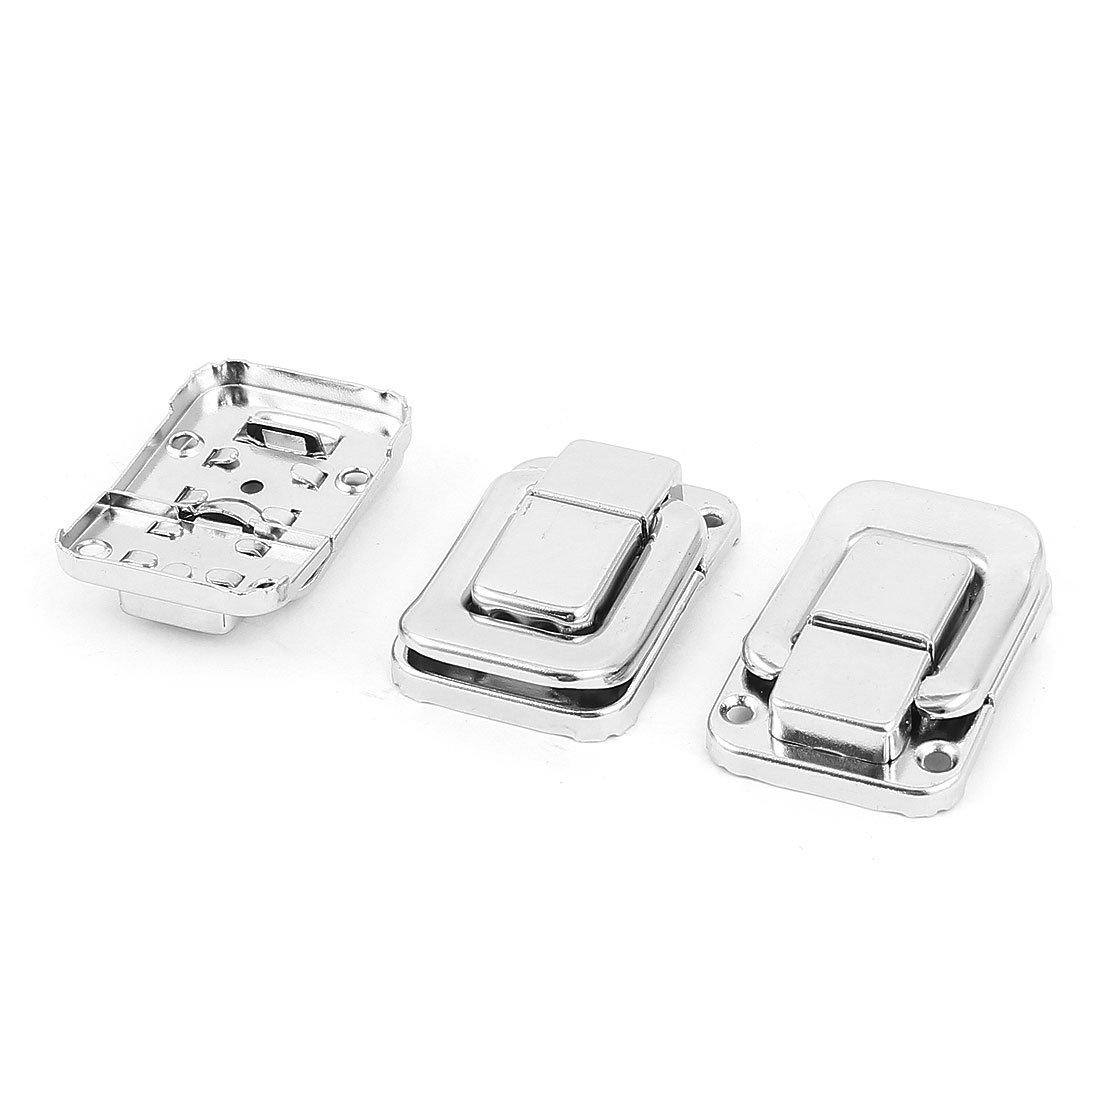 3 St/ück 49mm x 33mm Gep/äck Koffer Brust Metall Umschalten Fang Verriegeln Silber de